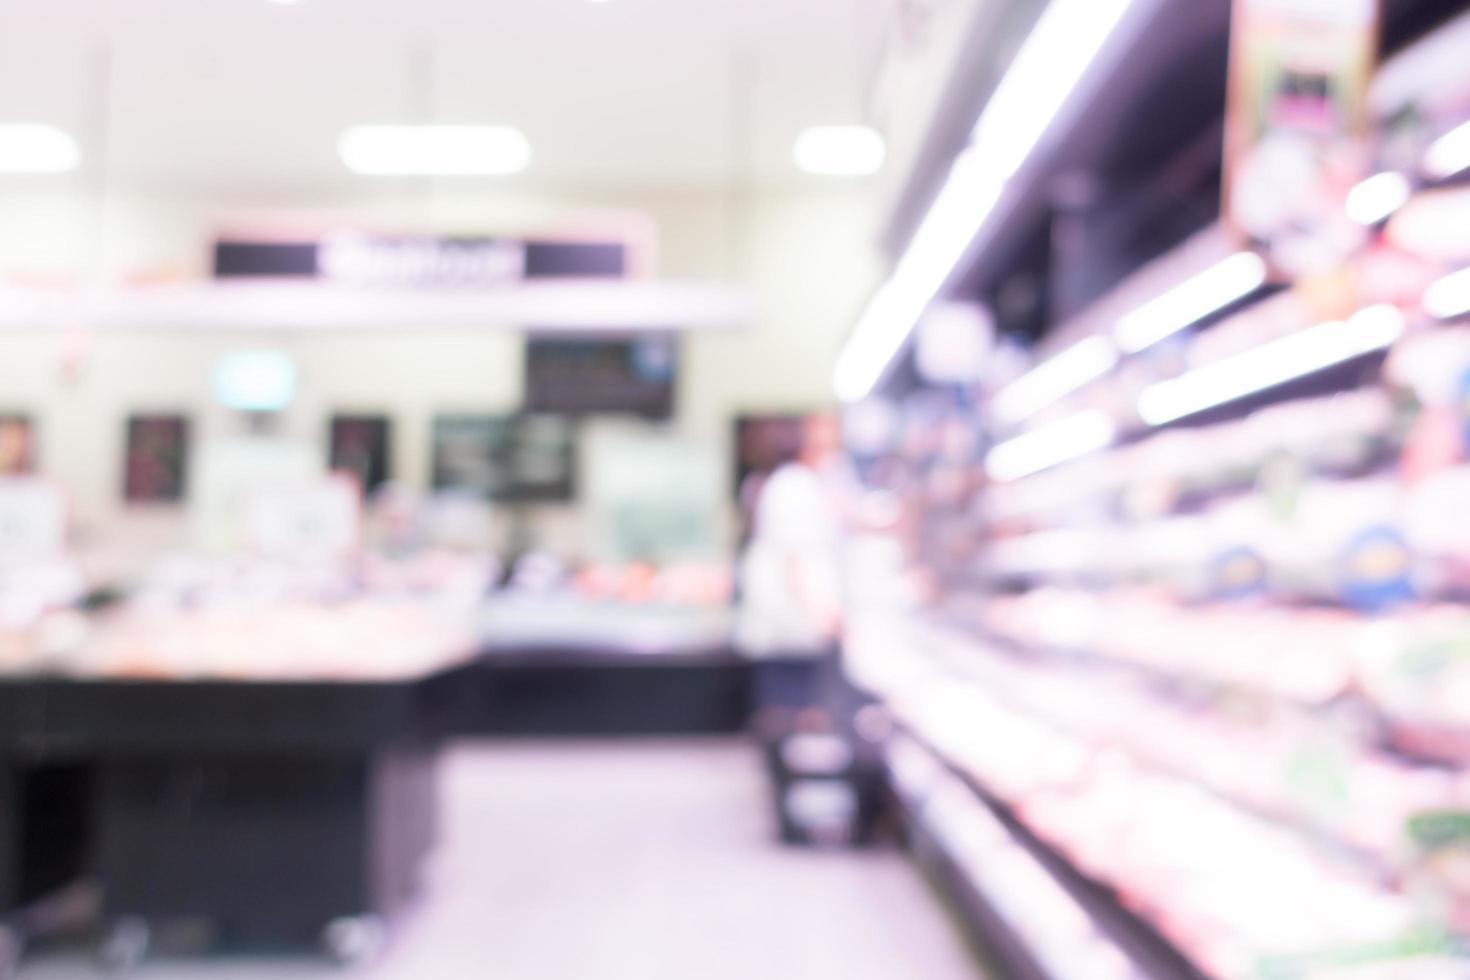 abstrakte defokussierte Supermarktinnenausstattung für Hintergrund foto